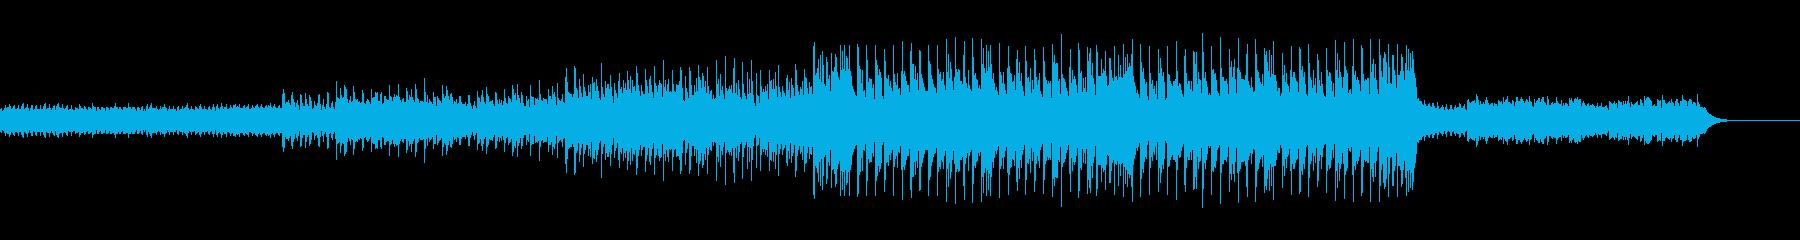 切ないメロディが印象的な楽曲の再生済みの波形